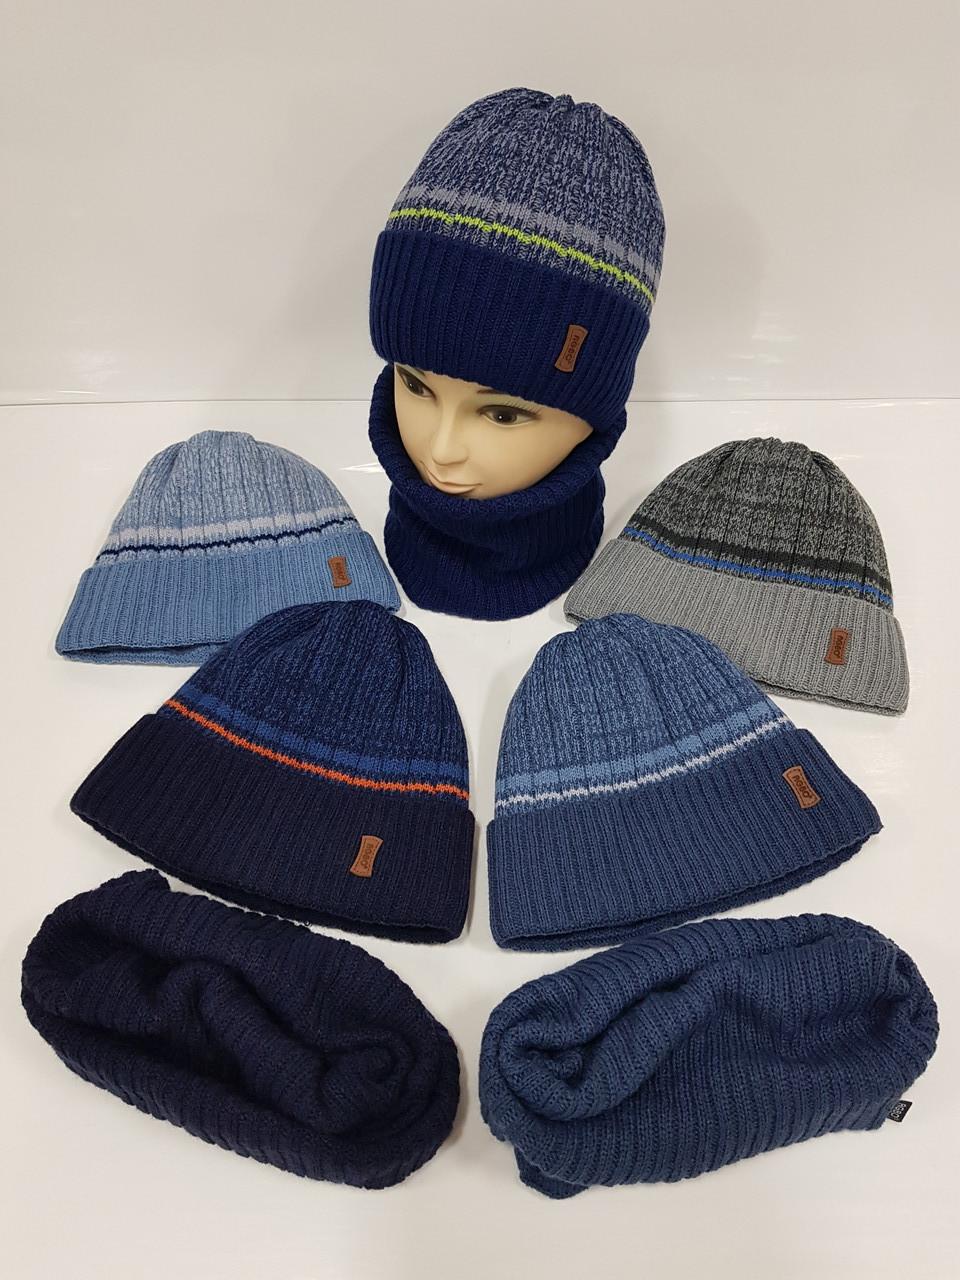 Детские вязаные шапки на флисе оптом со снудом для мальчиков, р.48-50, Agbo (Польша)